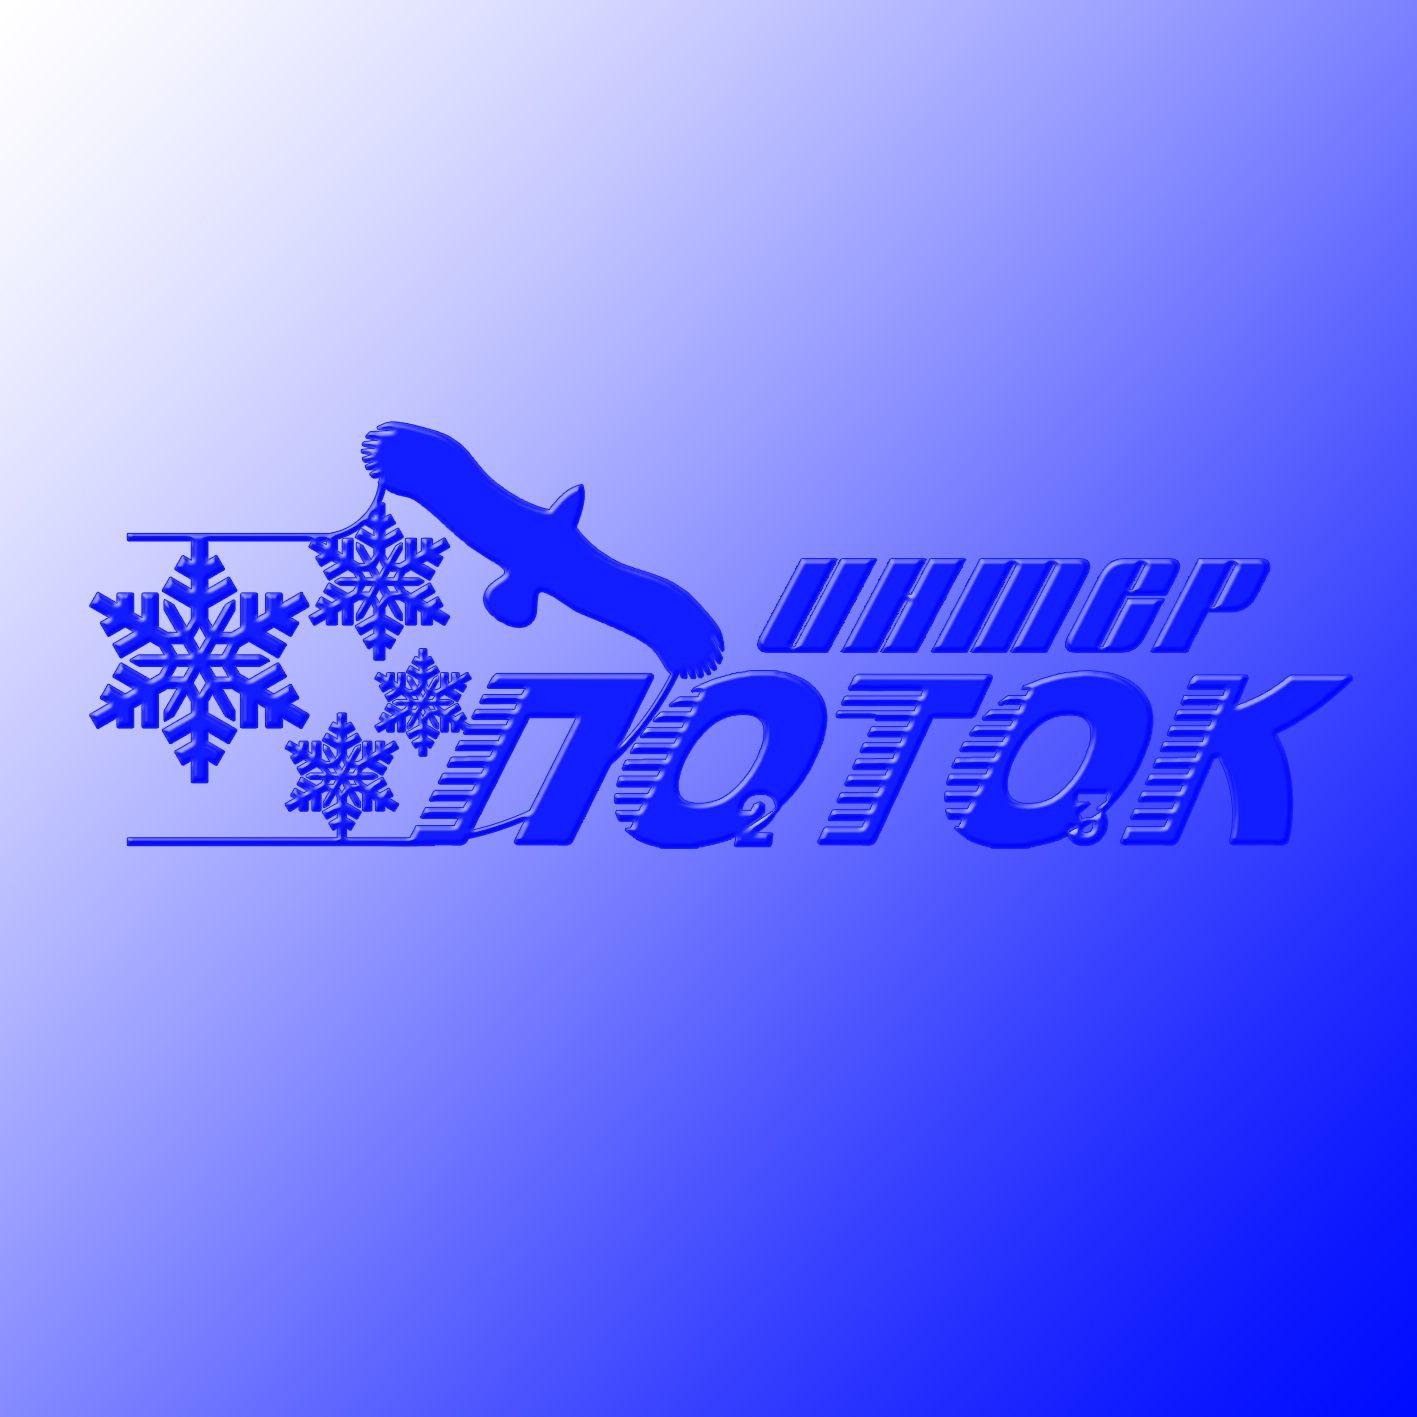 Лого и фирм стиль для Бинго - дизайнер omega7779